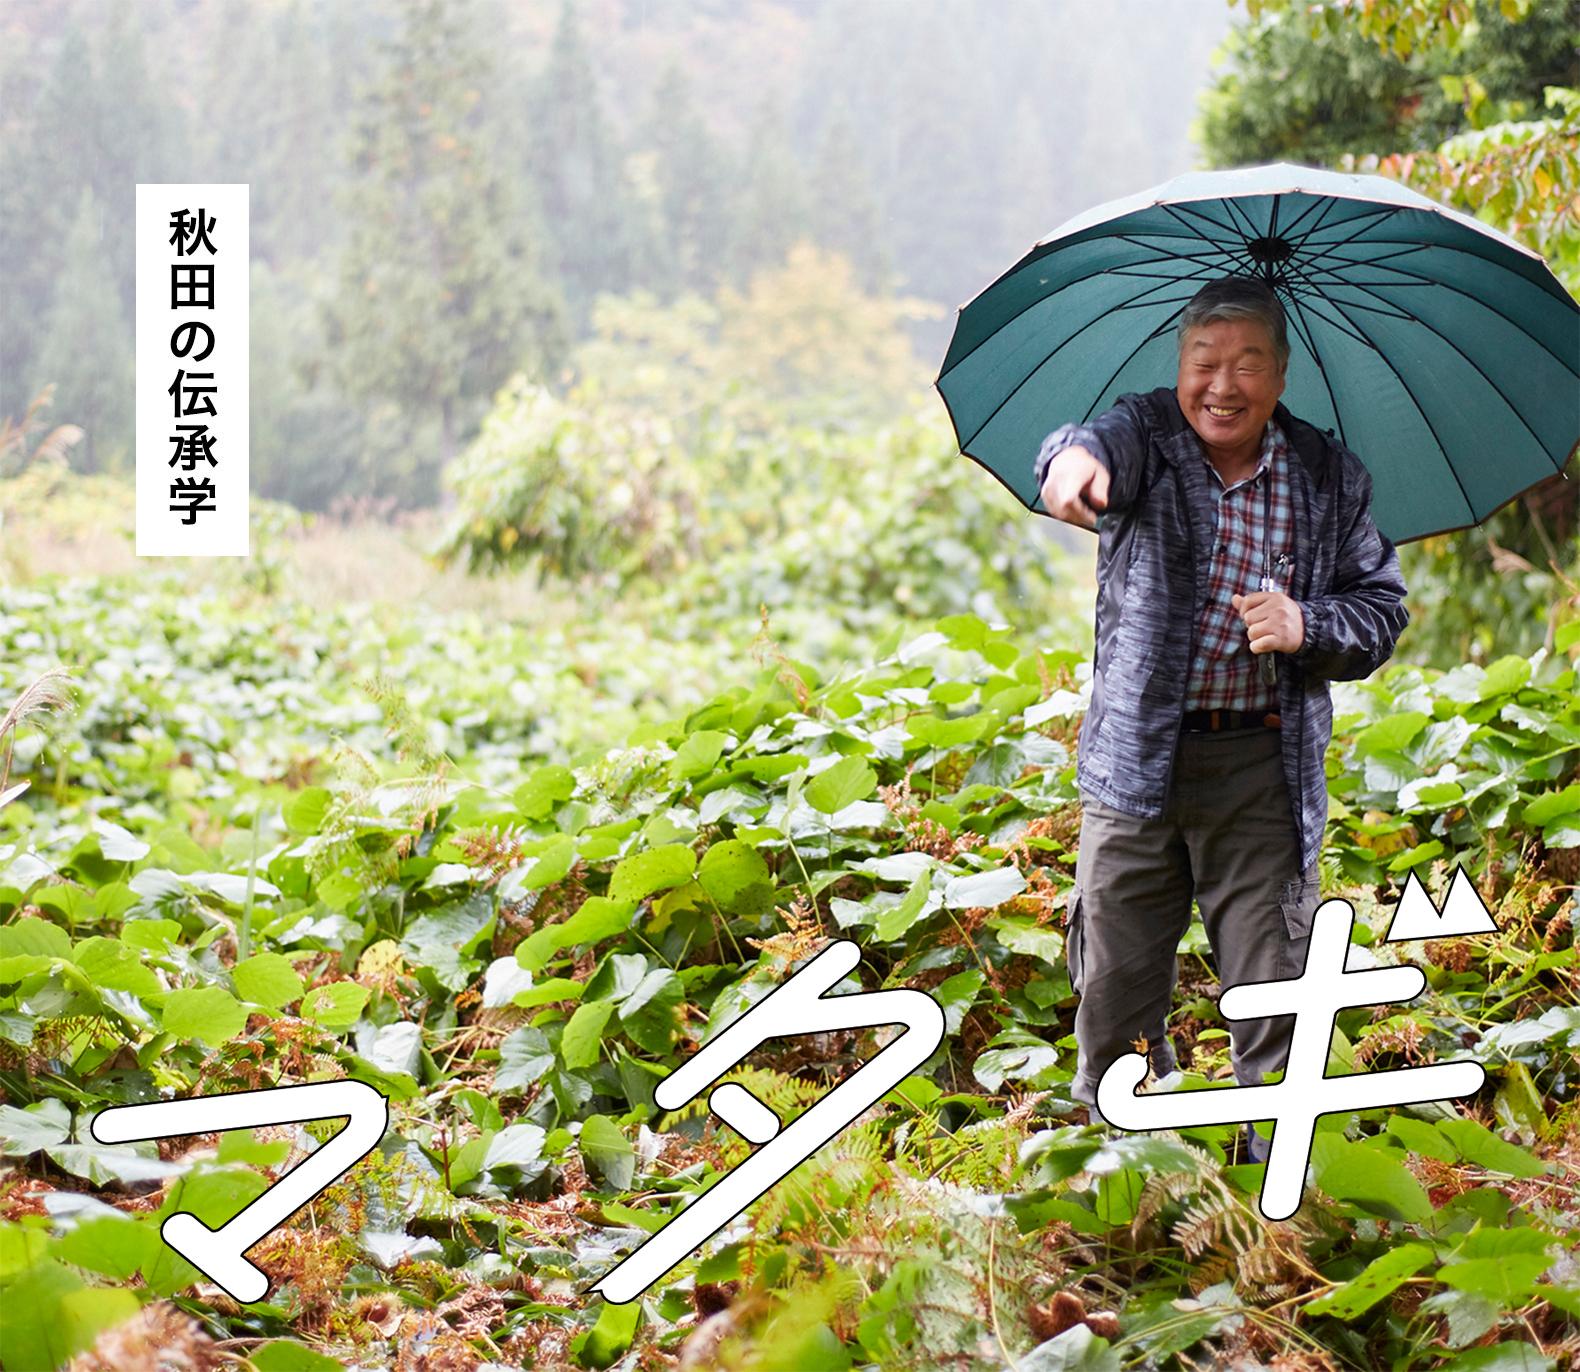 秋田の伝承学「マタギ」